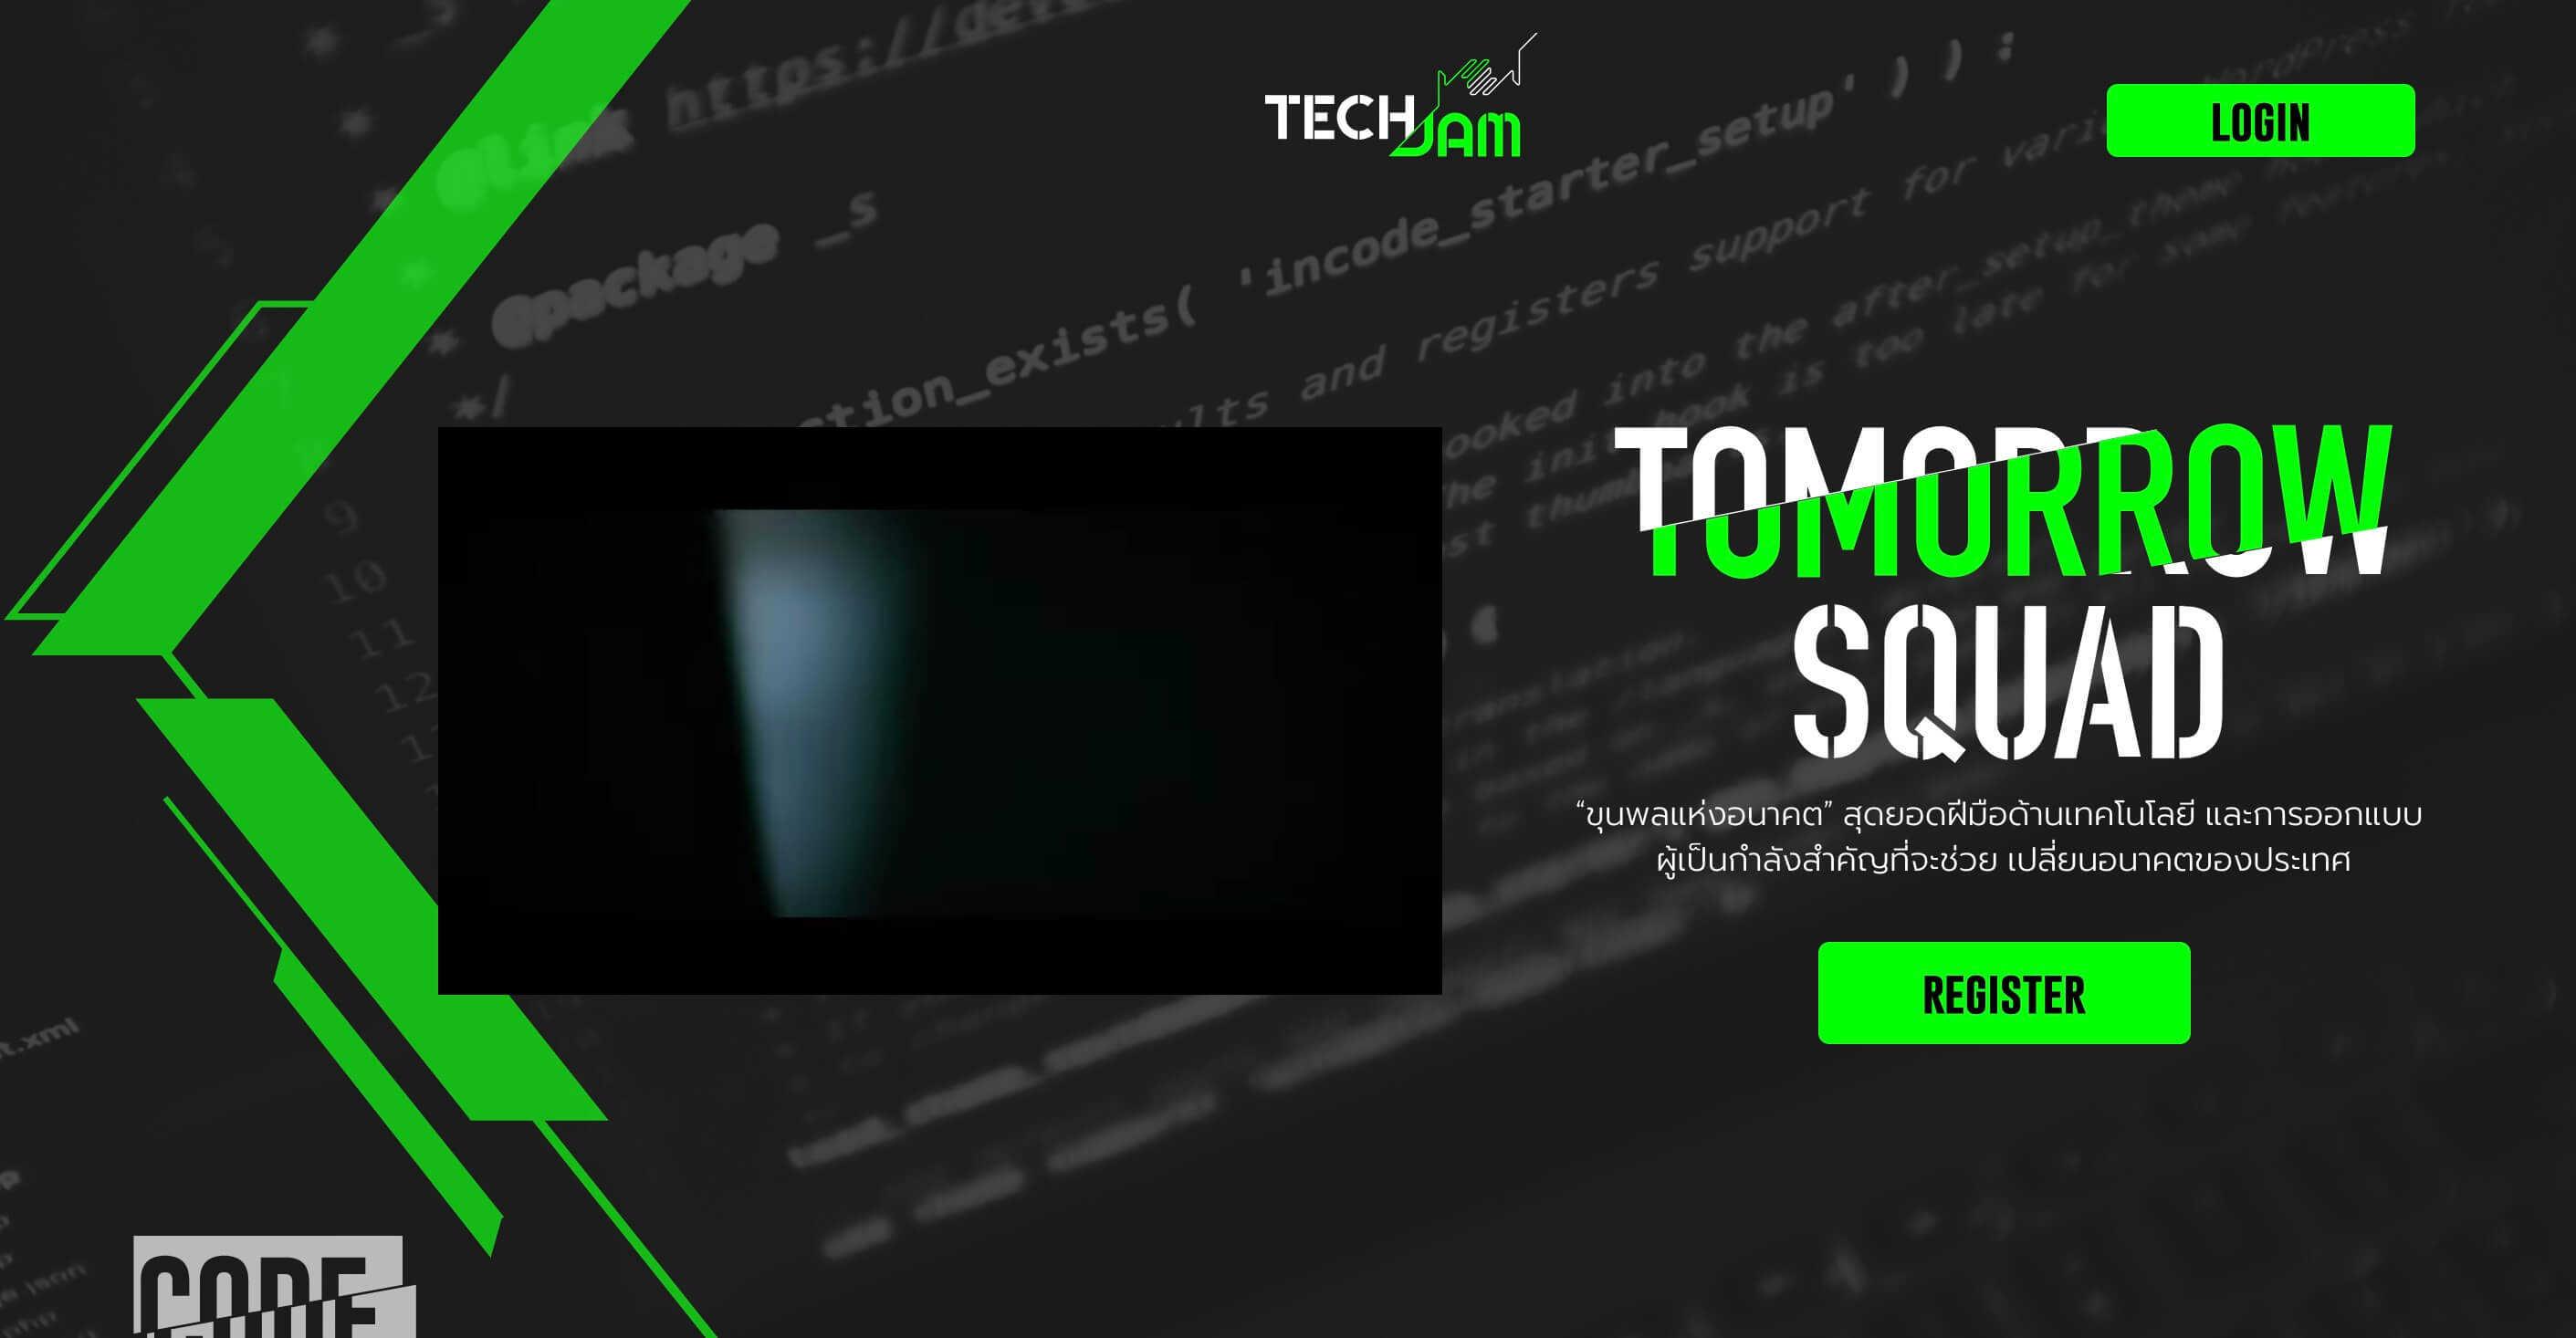 TechJam 2018 งานแข่งขันเพื่อหาสุดยอดผู้เชี่ยวชาญ Data Science, Coding, Design ในไทย + แถมเทคนิคเตรียมตัวแข่ง 3